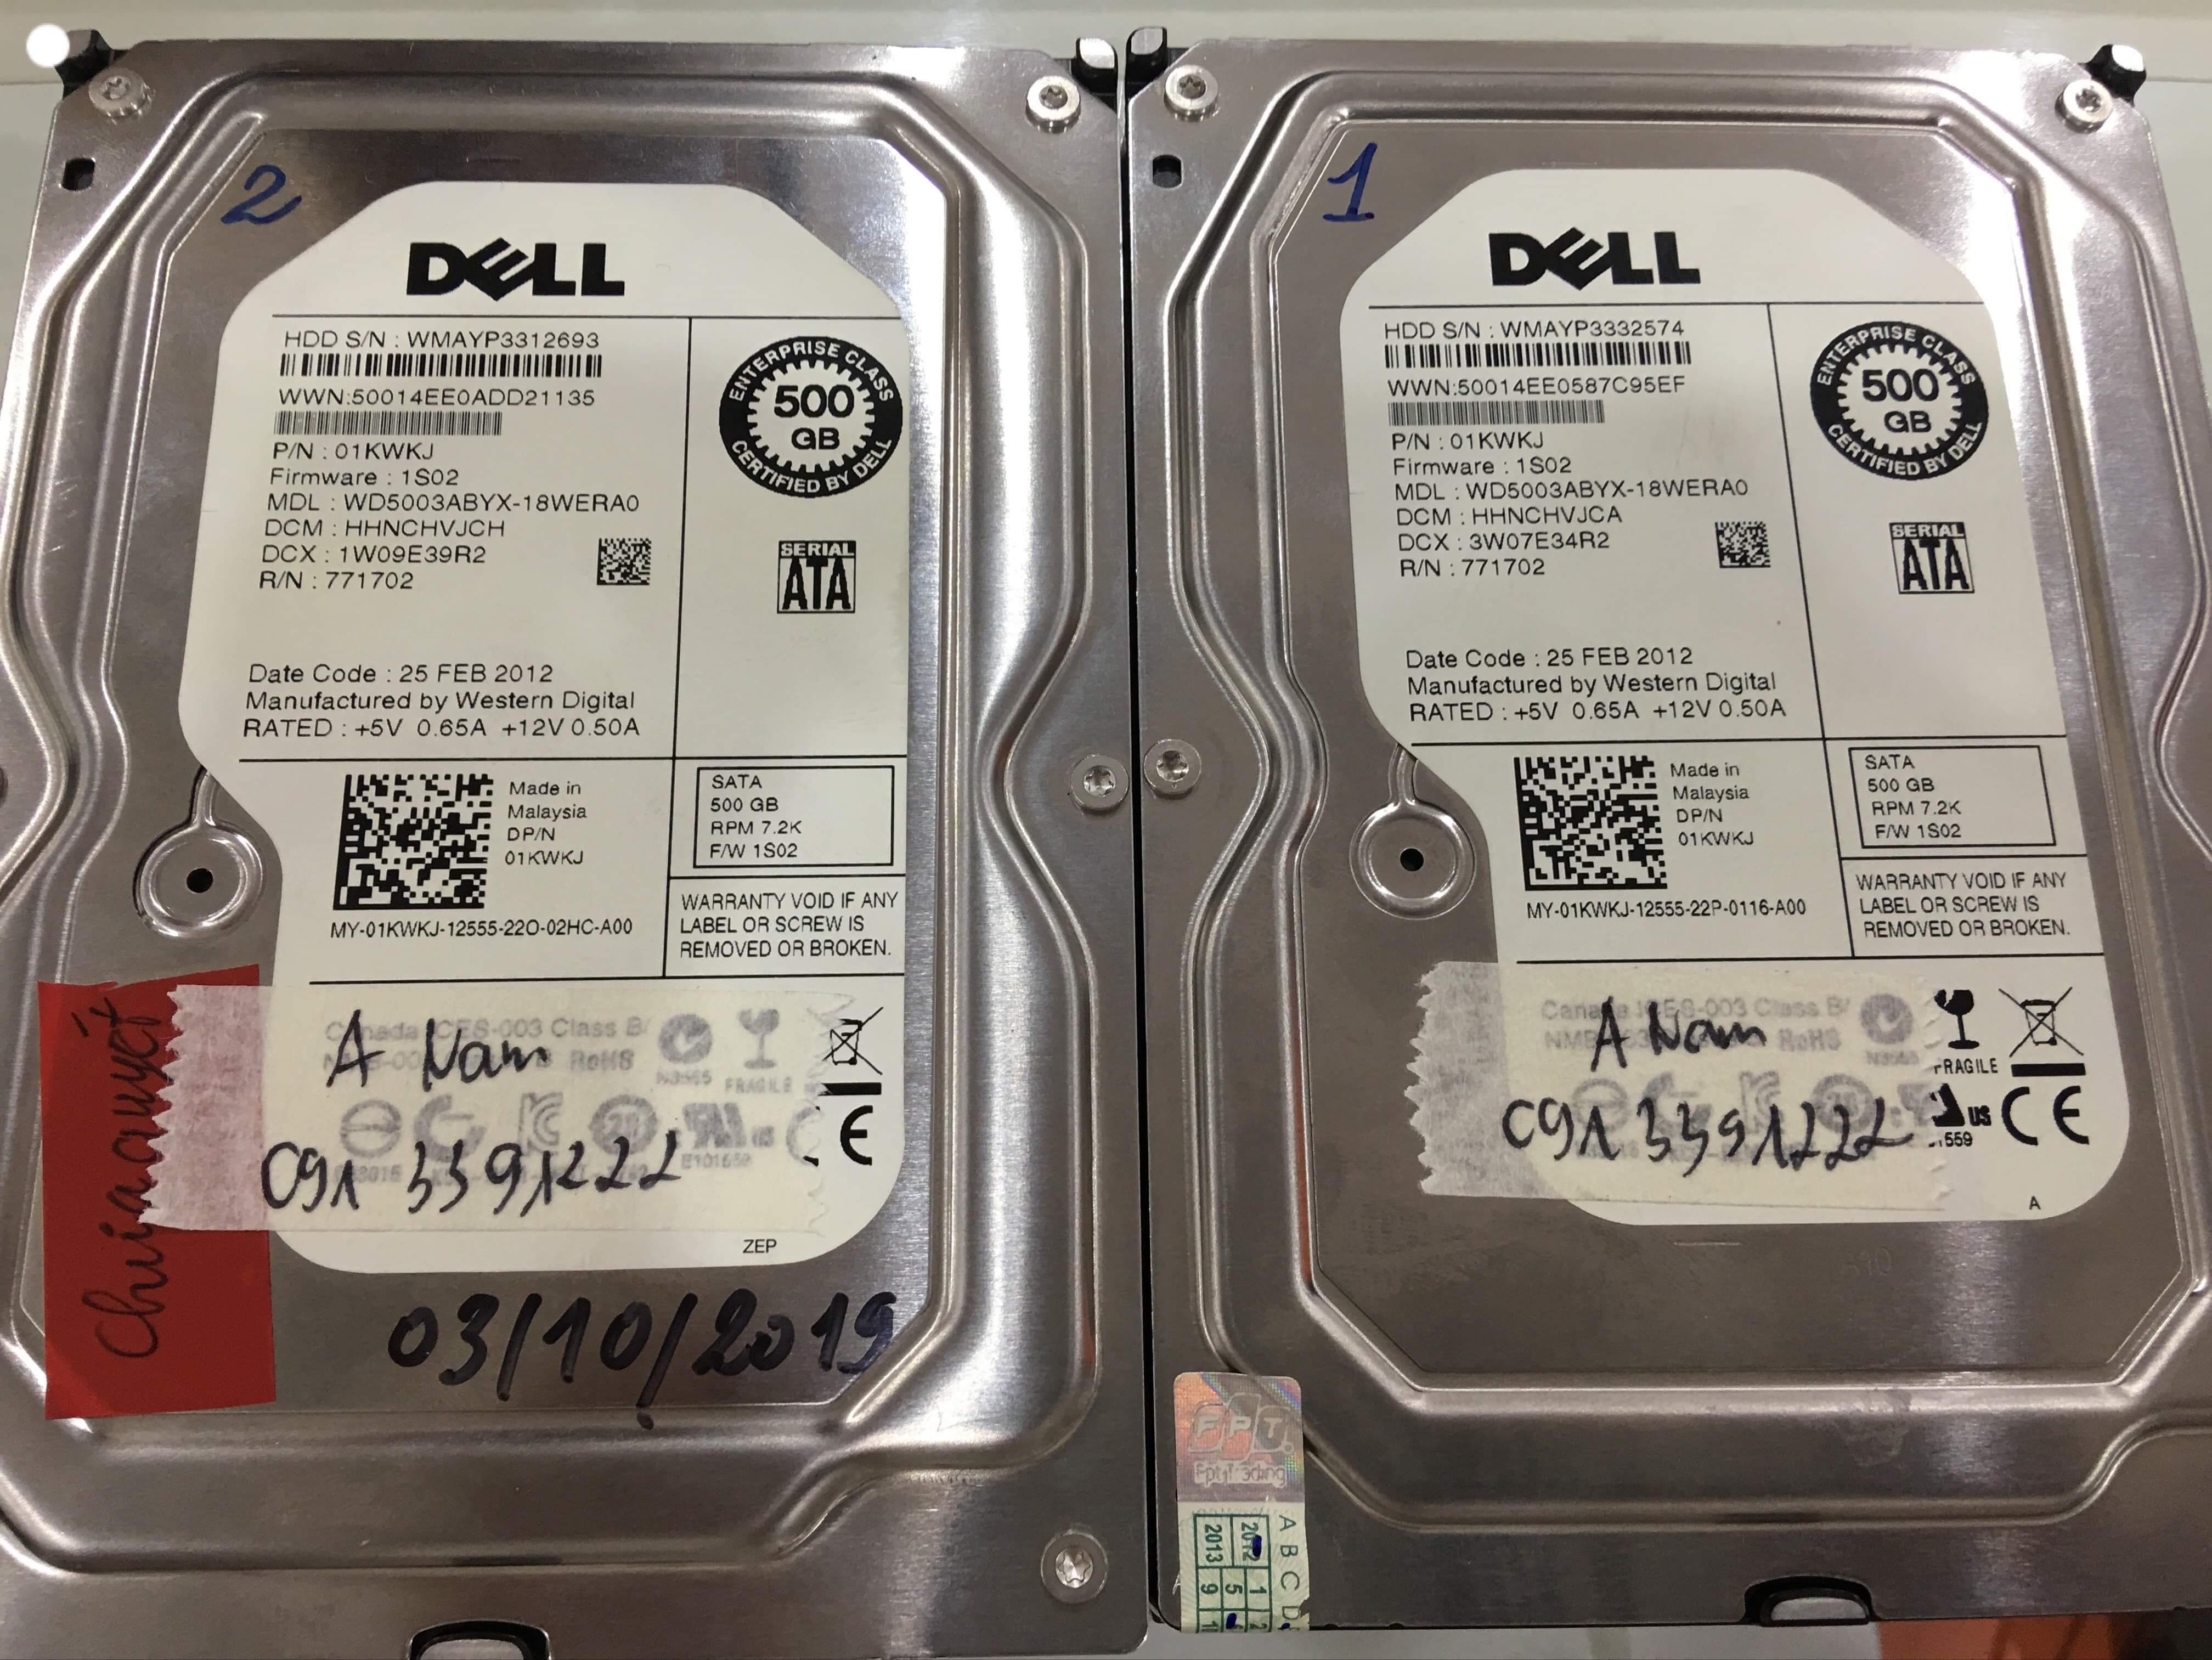 Khôi phục dữ liệu máy chủ Dell với 2HDDx500GB mất cấu hình Raid 24/09/2019 - cuumaytinh